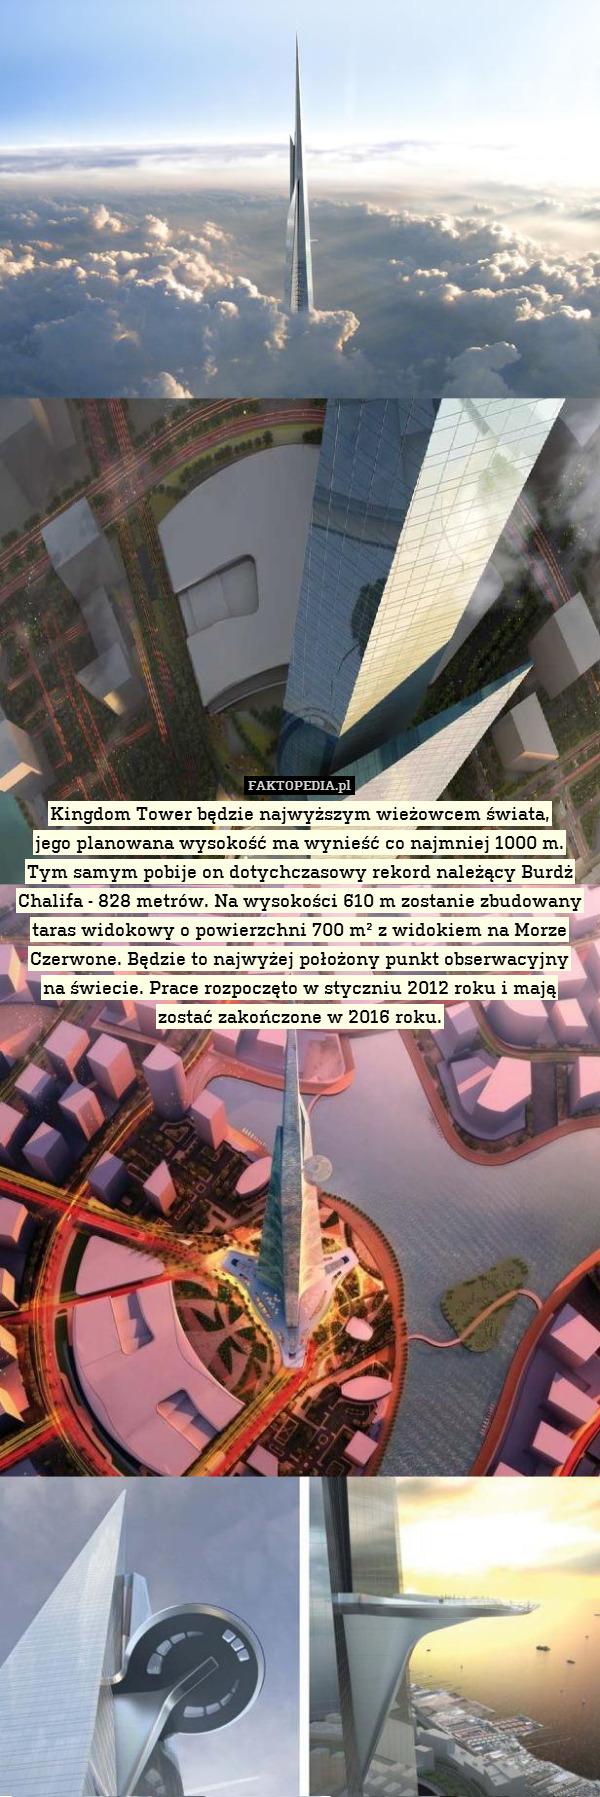 Kingdom Tower będzie najwyższym – Kingdom Tower będzie najwyższym wieżowcem świata, jego planowana wysokość ma wynieść co najmniej 1000 m. Tym samym pobije on dotychczasowy rekord należący Burdż Chalifa - 828 metrów. Na wysokości 610 m zostanie zbudowany taras widokowy o powierzchni 700 m² z widokiem na Morze Czerwone. Będzie to najwyżej położony punkt obserwacyjny na świecie. Prace rozpoczęto w styczniu 2012 roku i mają zostać zakończone w 2016 roku.